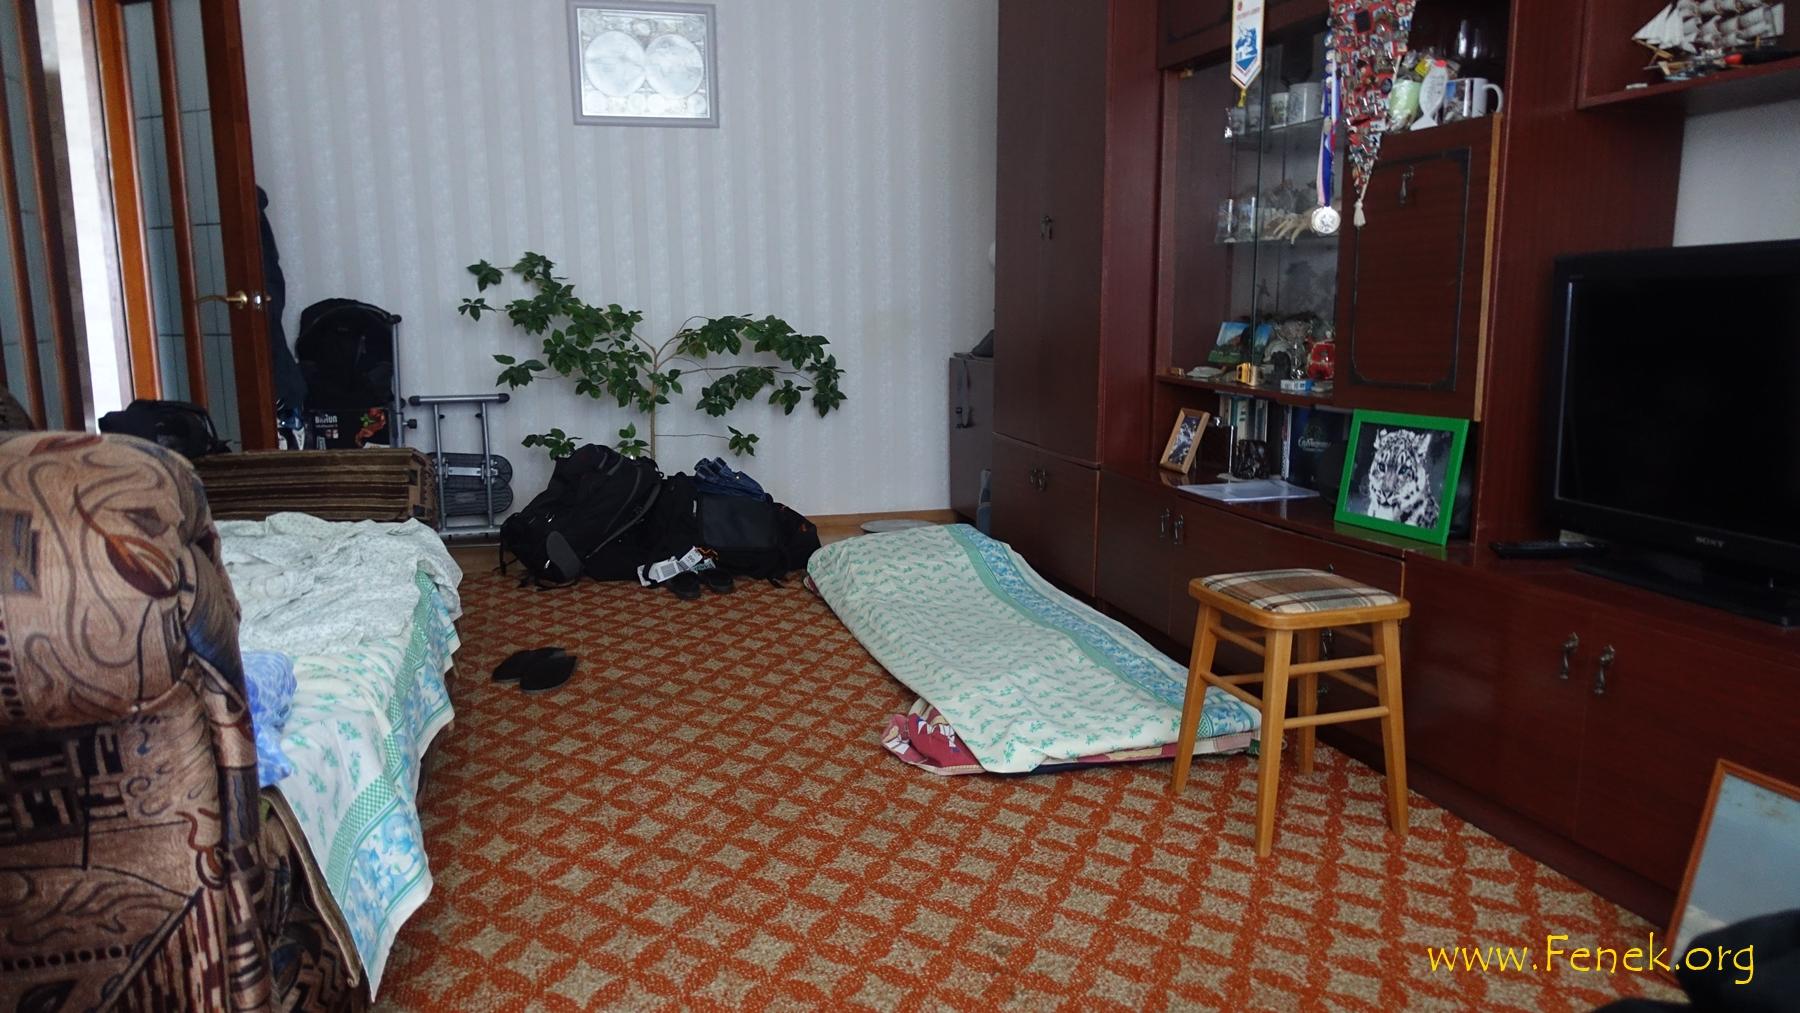 Unterkunft in der Wohnung unseres Bergführers